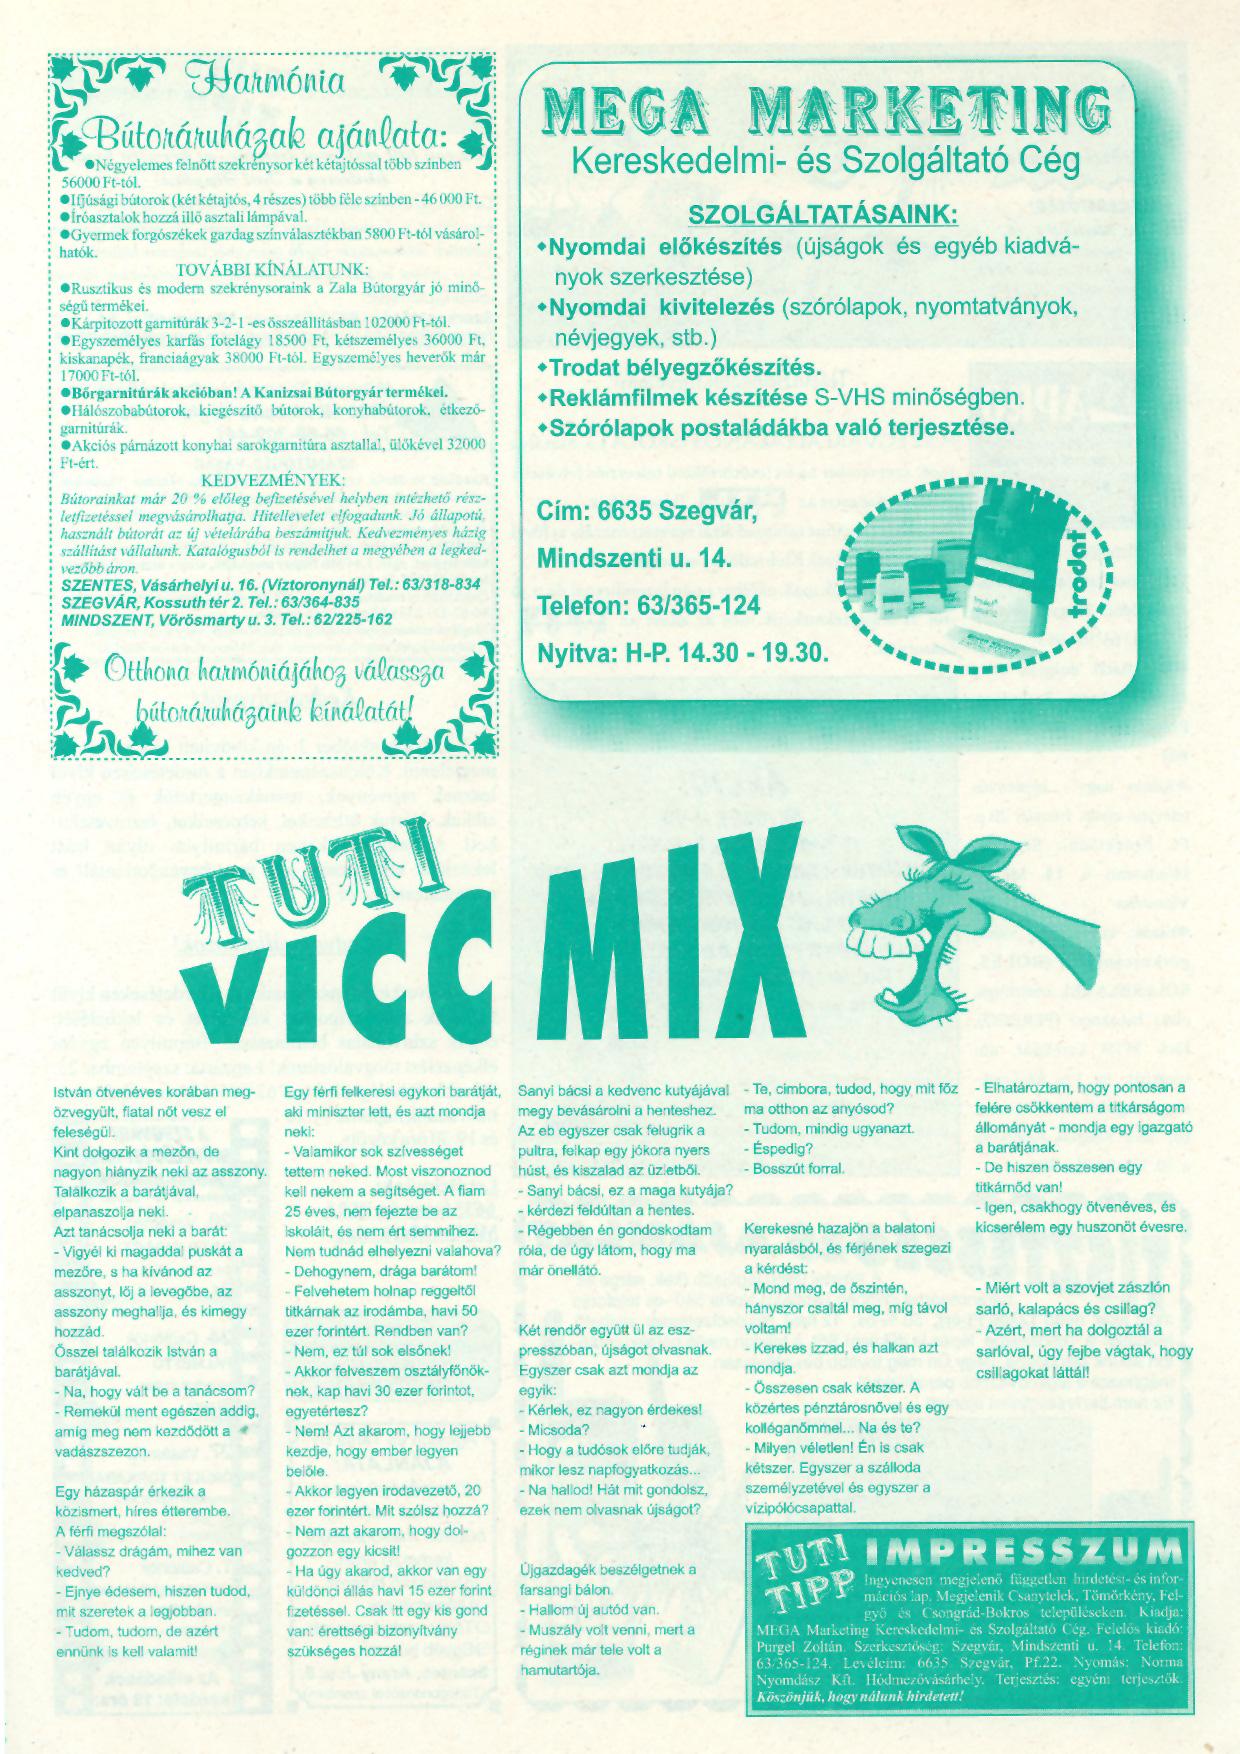 042 Tuti Tipp reklámújság - 19980919-003. lapszám - 2.oldal - IV. évfolyam.jpg